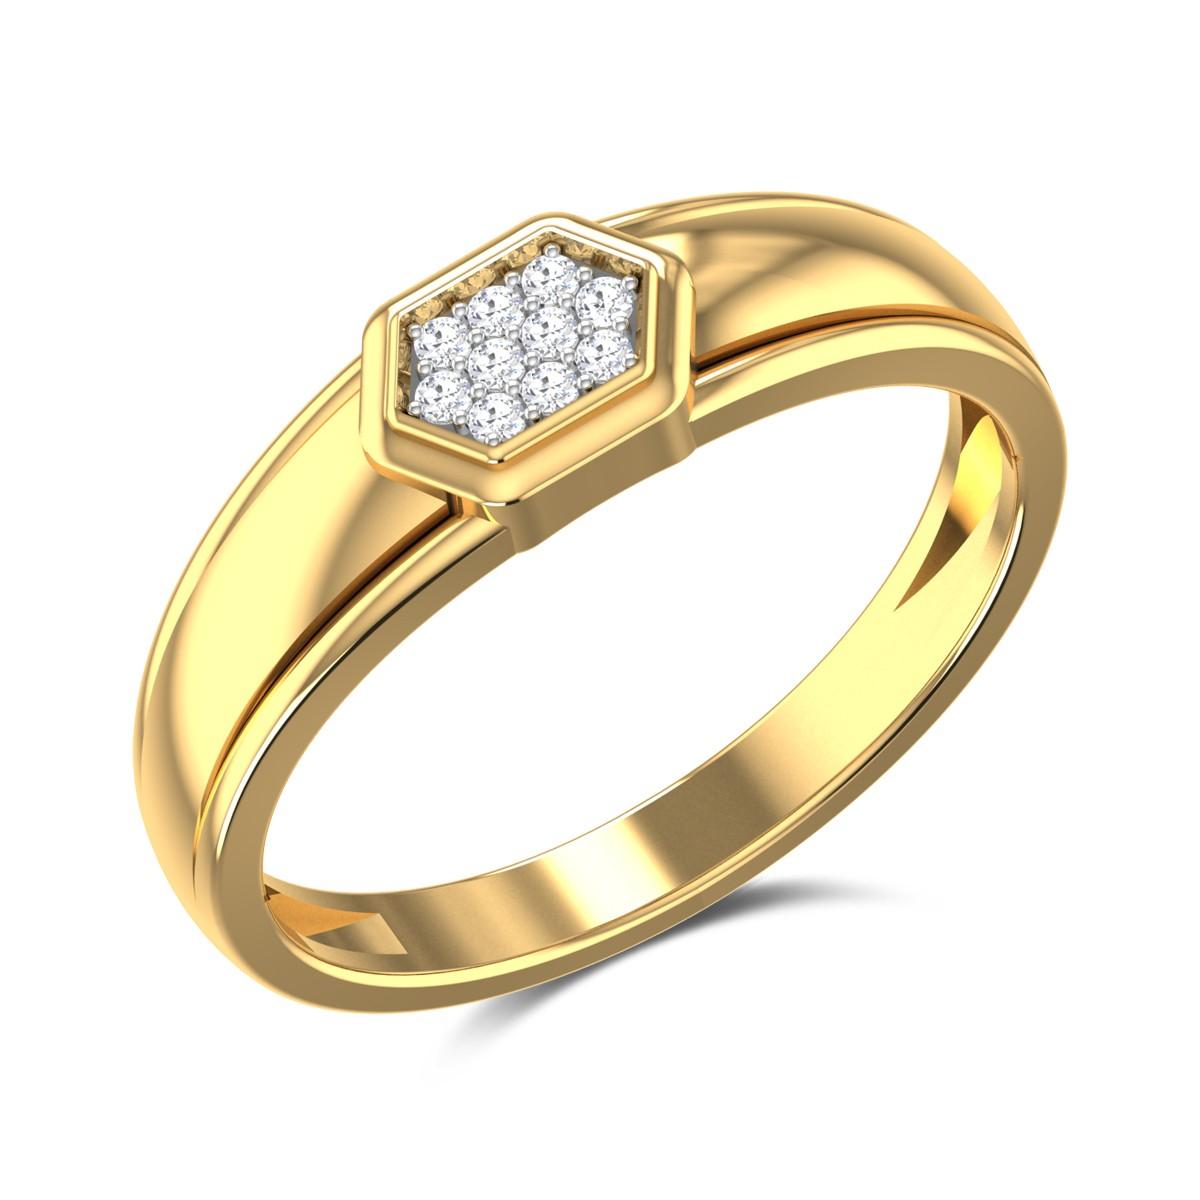 Nuala Diamond Ring